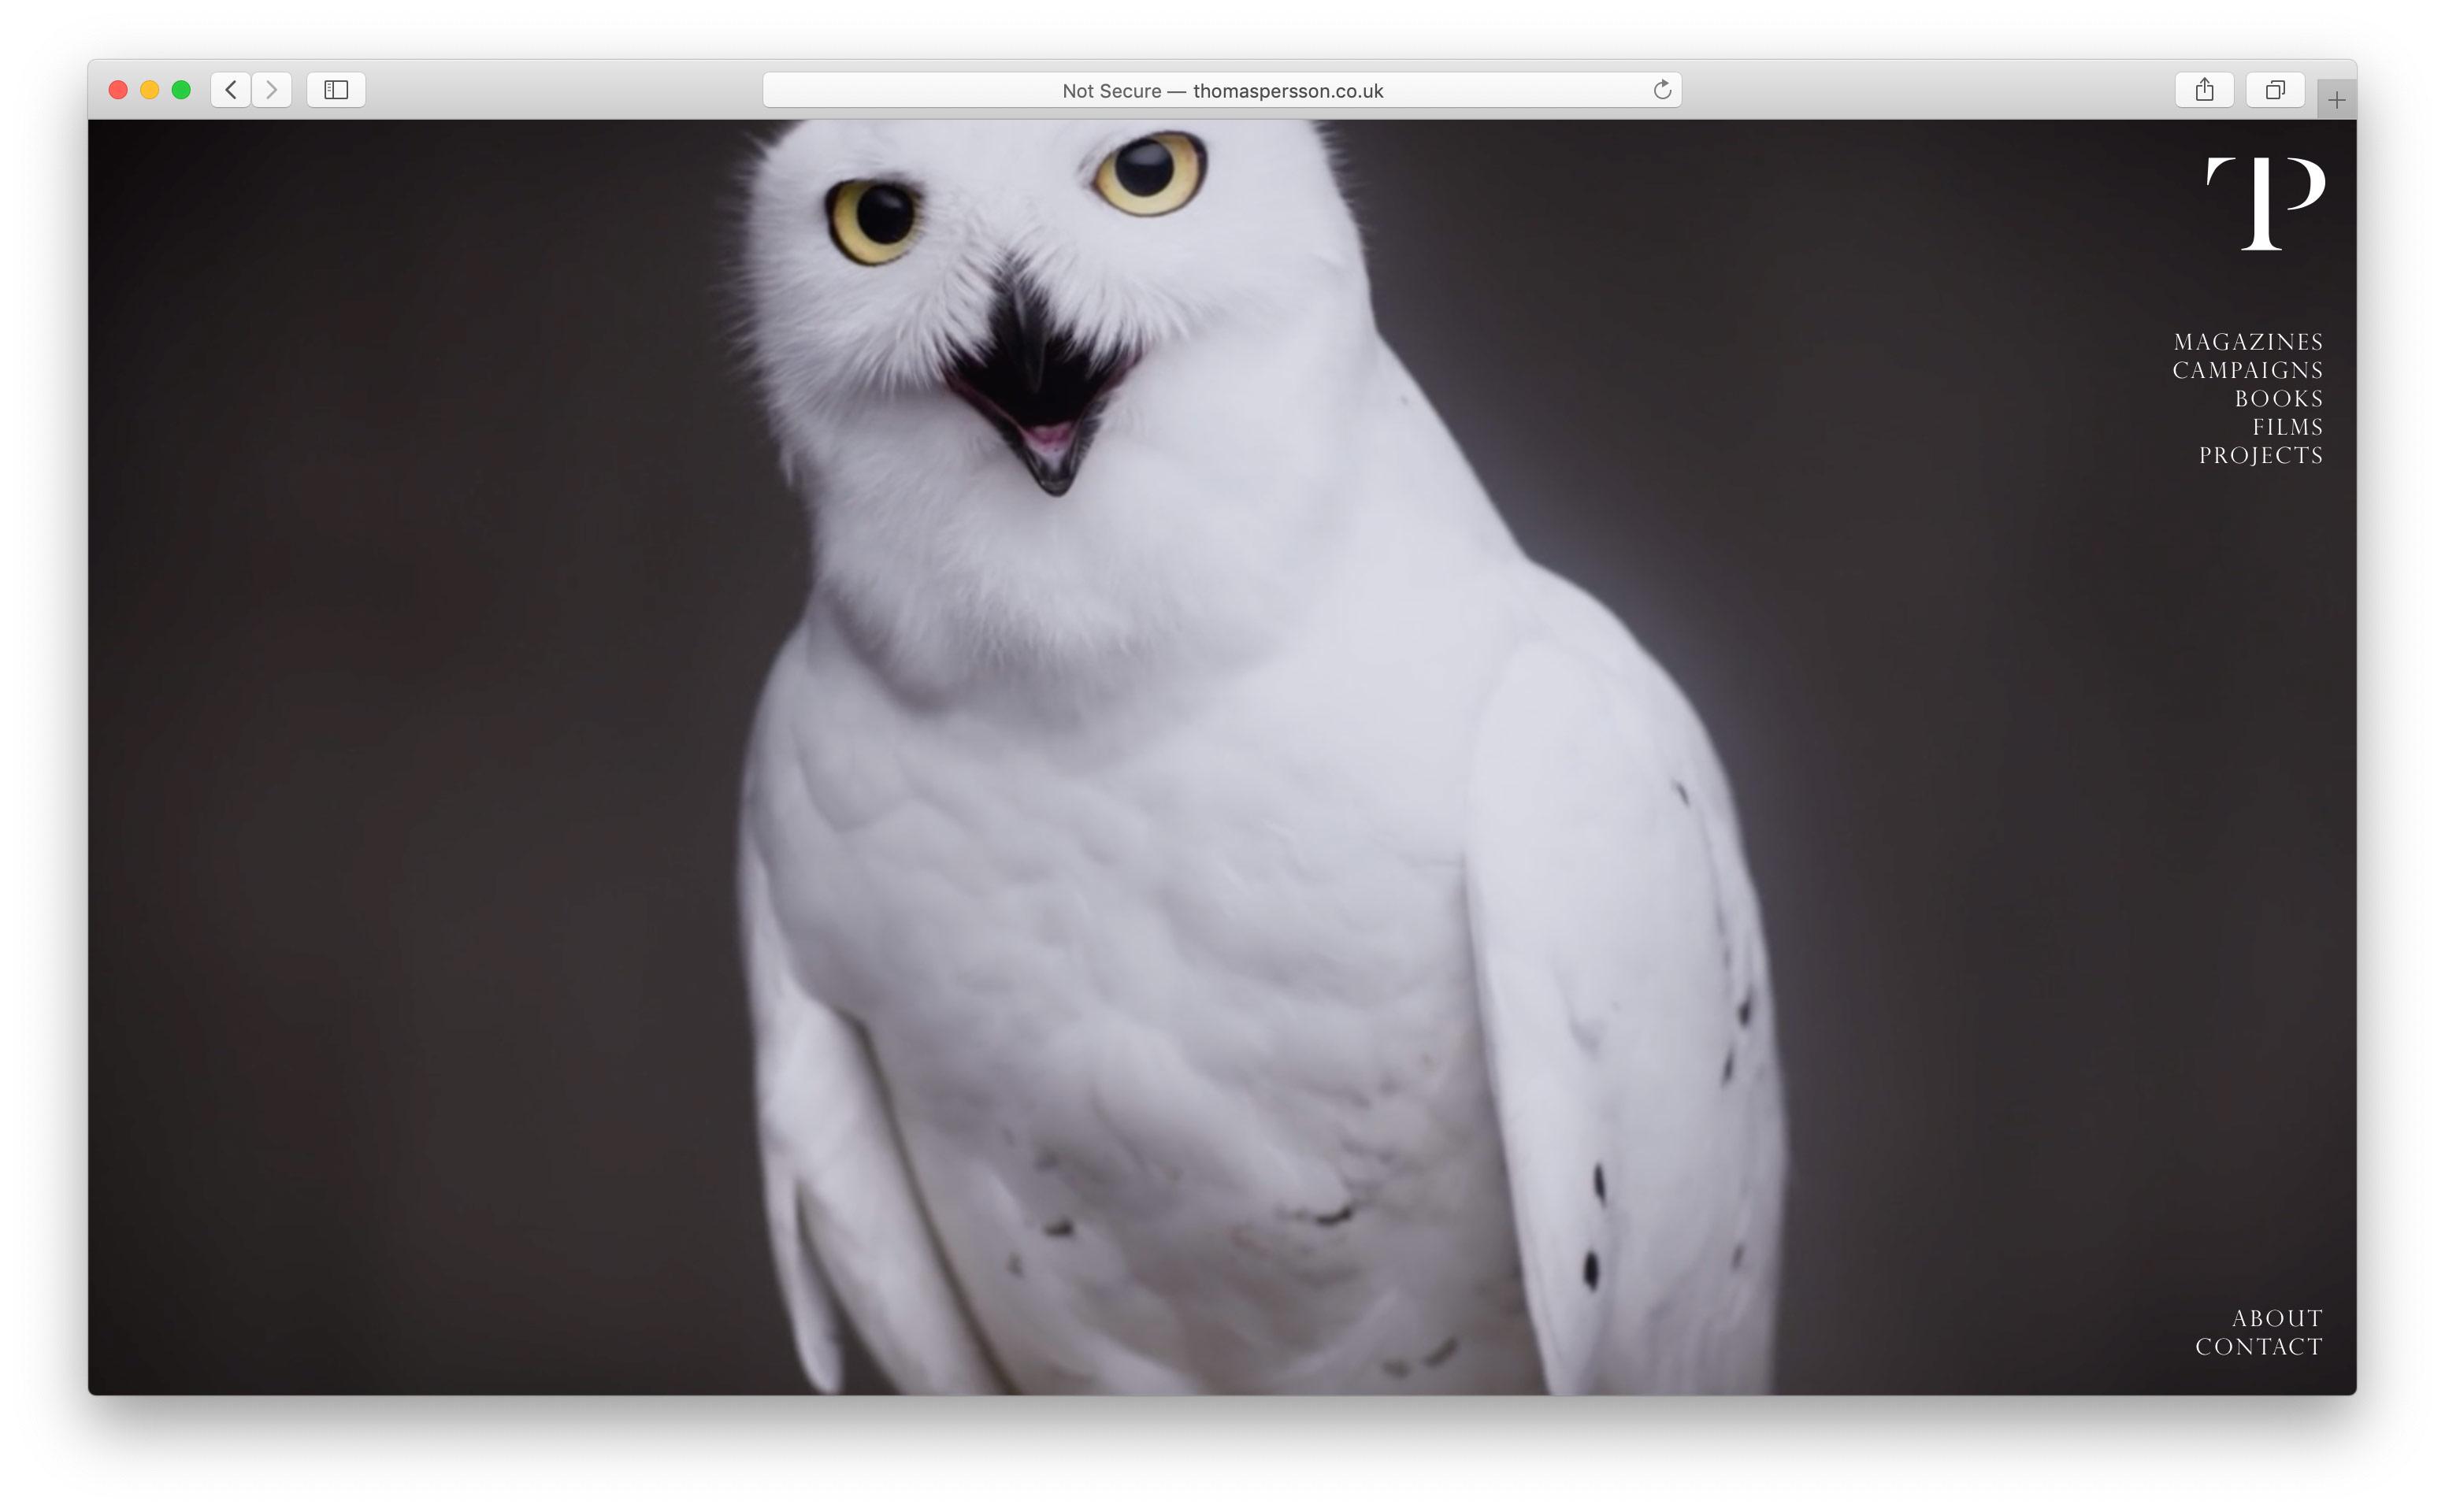 https://www.datocms-assets.com/10318/1567015848-9screenshot-2019-08-28-at-20-09-23.jpg